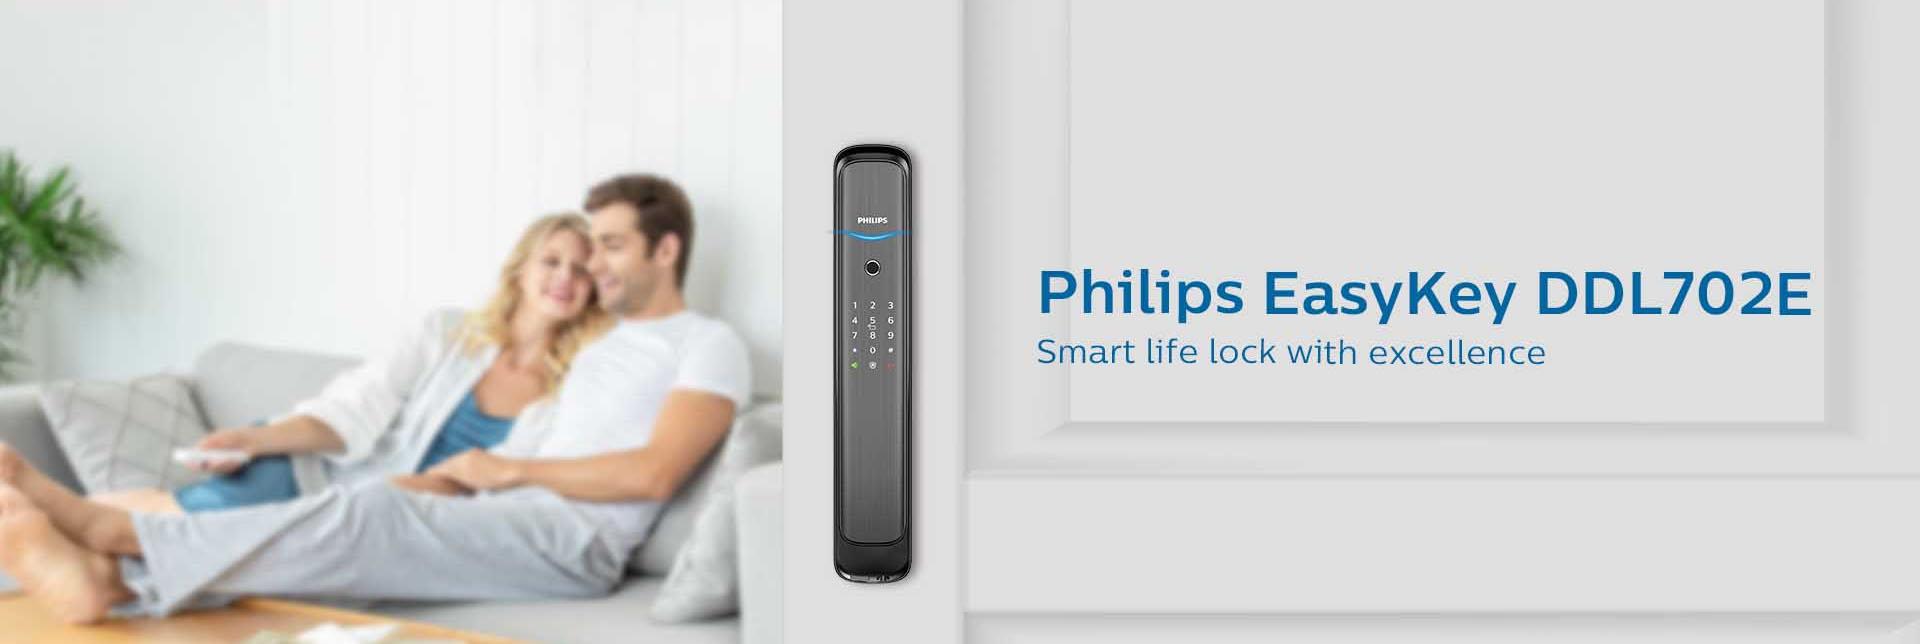 khóa cửa thông minh Philips